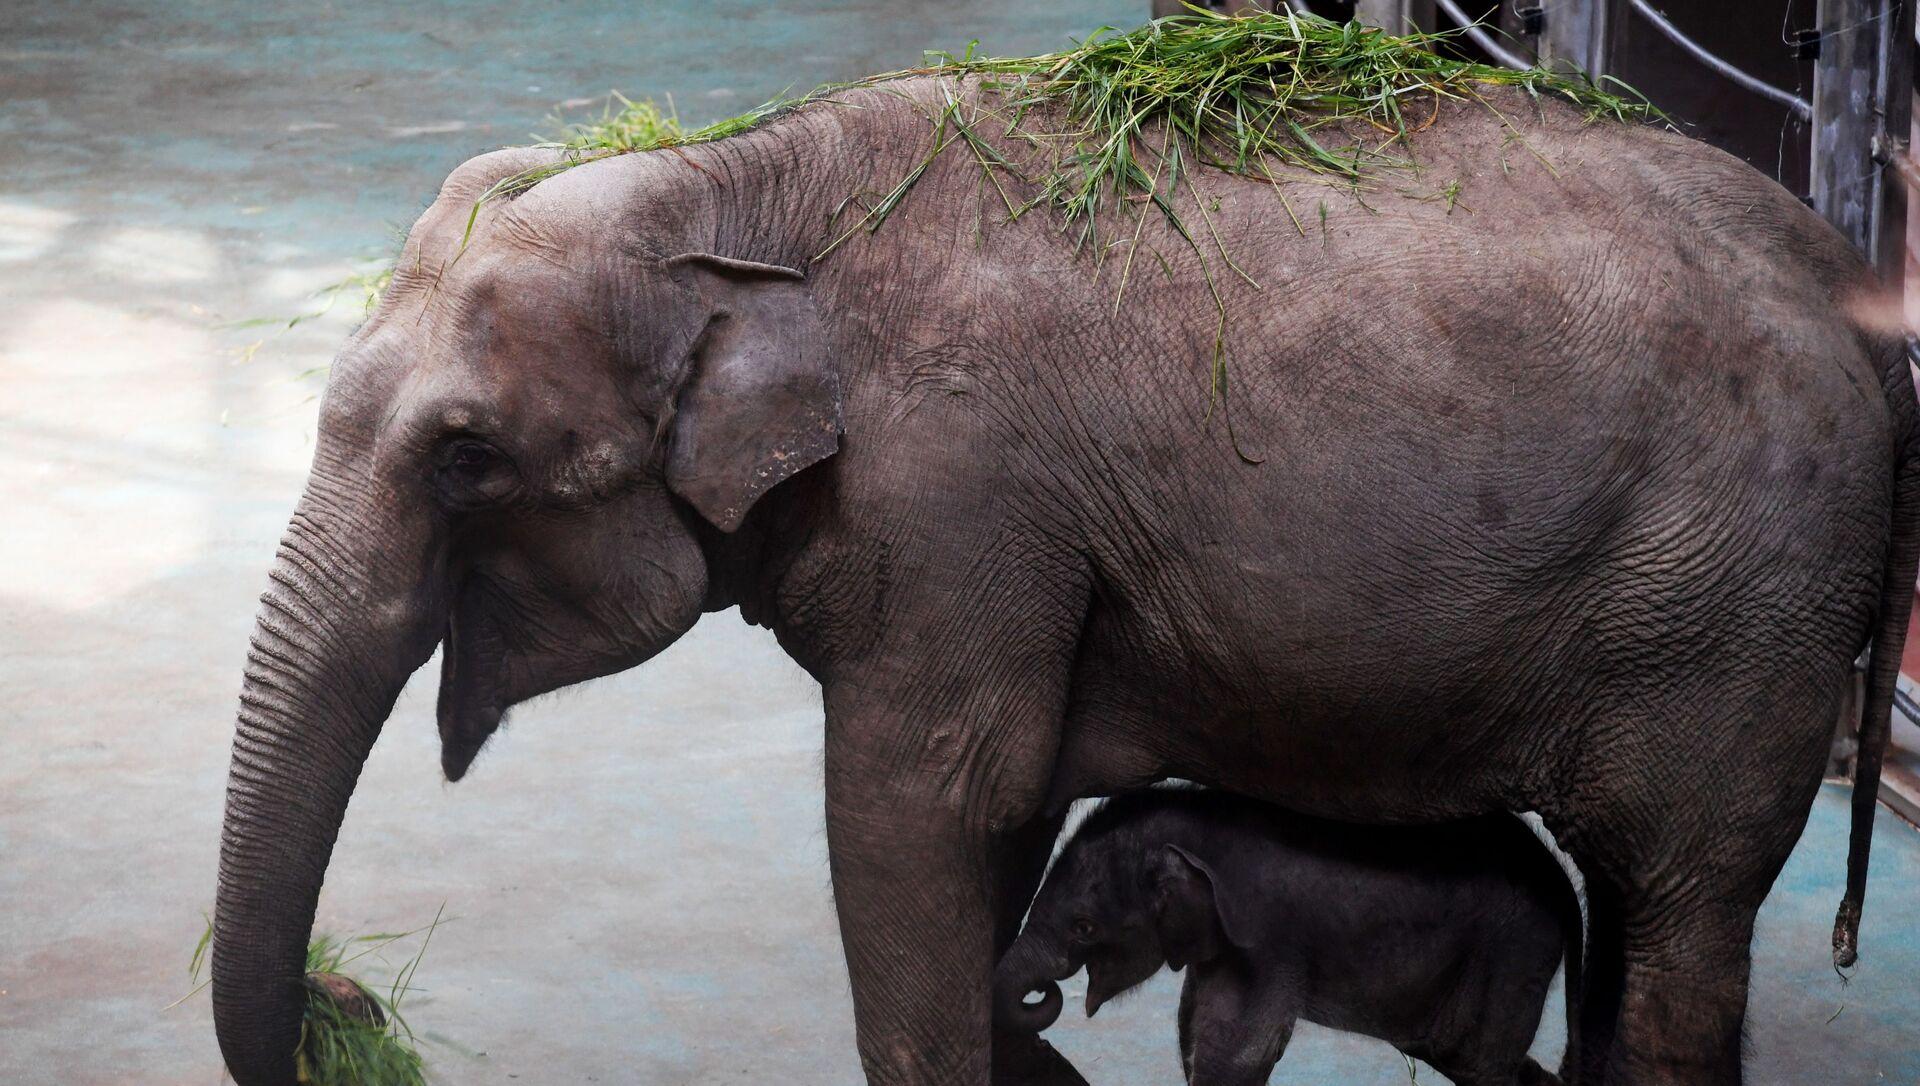 Voi châu Á là một trong nhiều loài động vật khẳng định tầm quan trọng toàn cầu của đa dạng sinh học Việt Nam - Sputnik Việt Nam, 1920, 13.08.2021